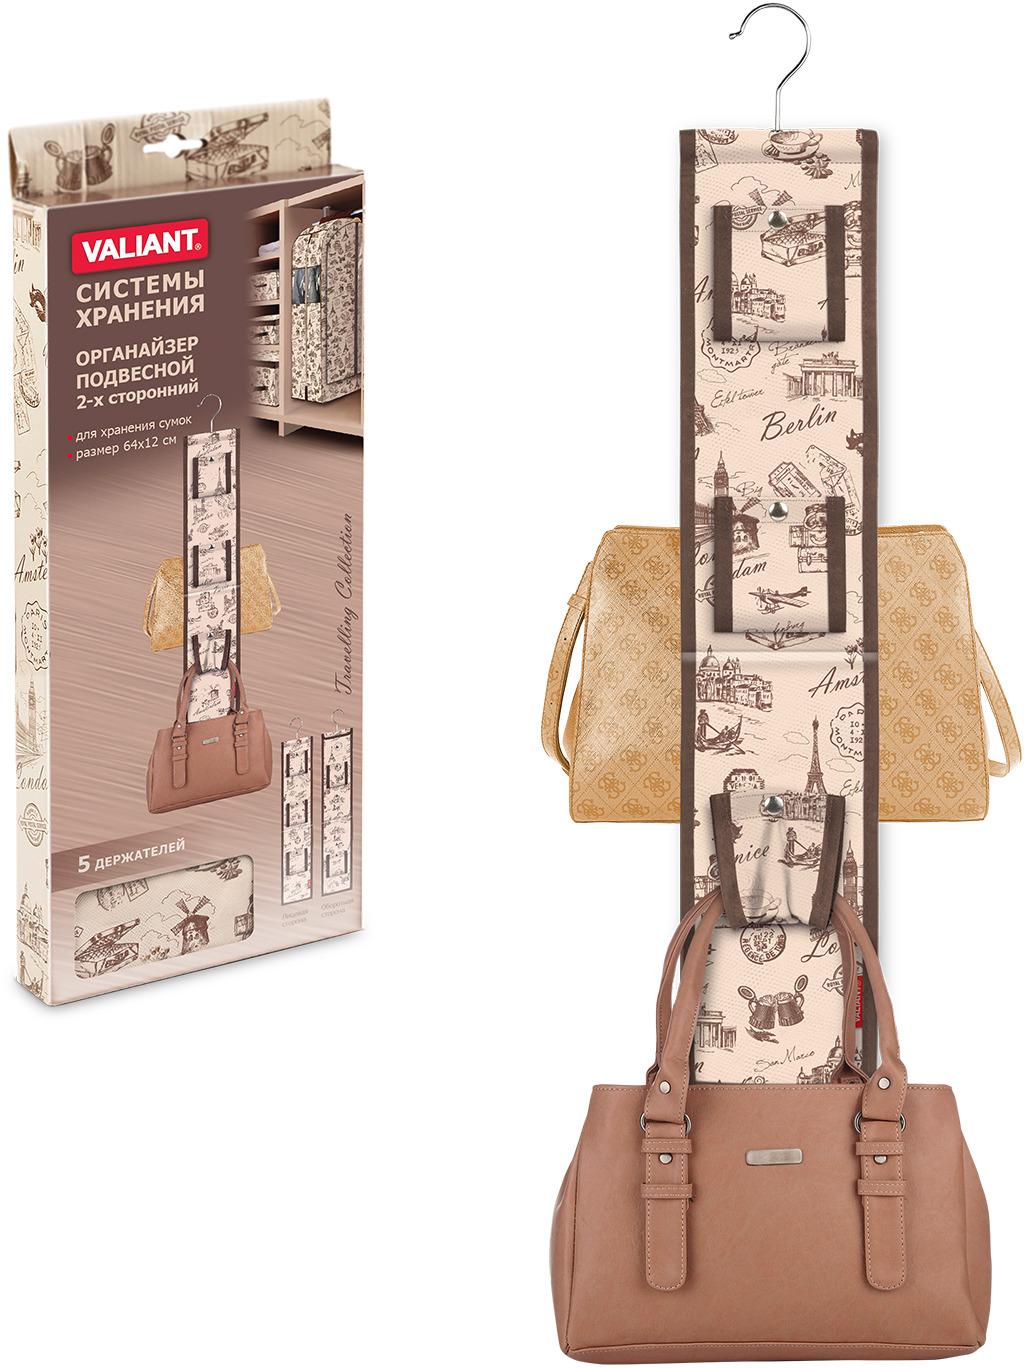 Органайзер для вещей Valiant Travelling, цвет: коричневый, темно-бежевый, 64 х 12 см органайзер подвесной для стирки tatkraft solver 42 х 28 5 х 149 см